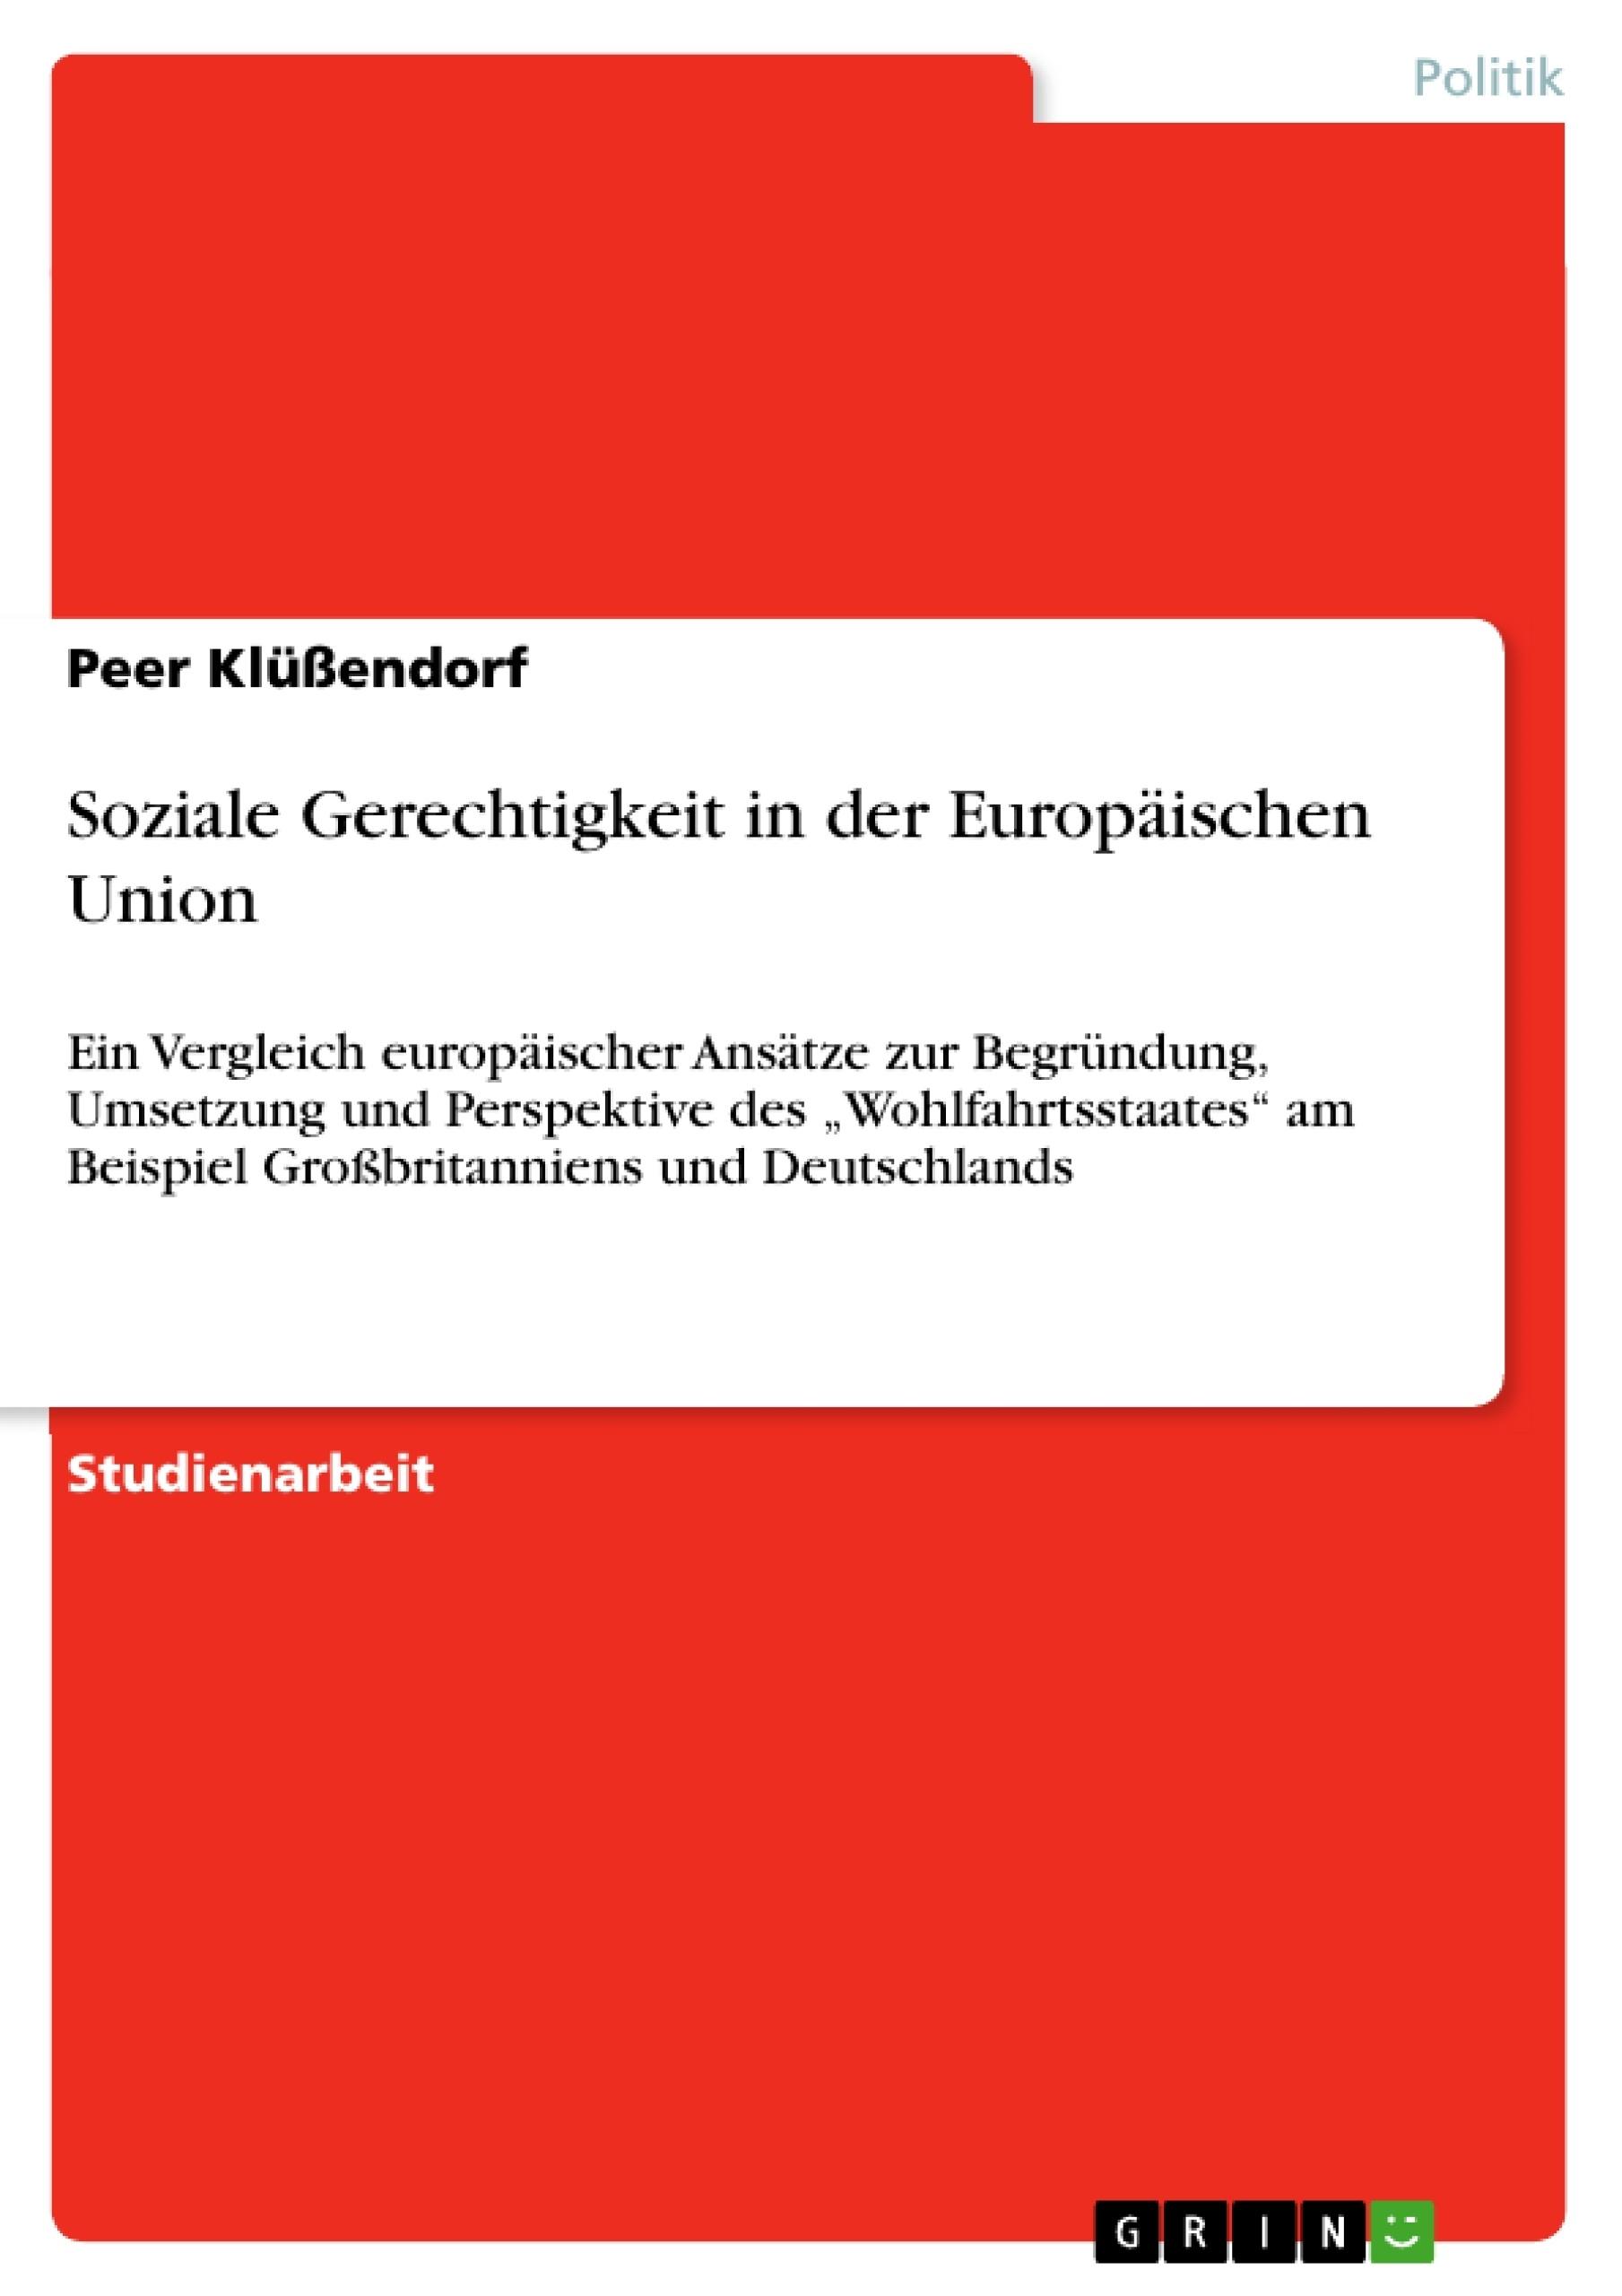 Titel: Soziale Gerechtigkeit in der Europäischen Union